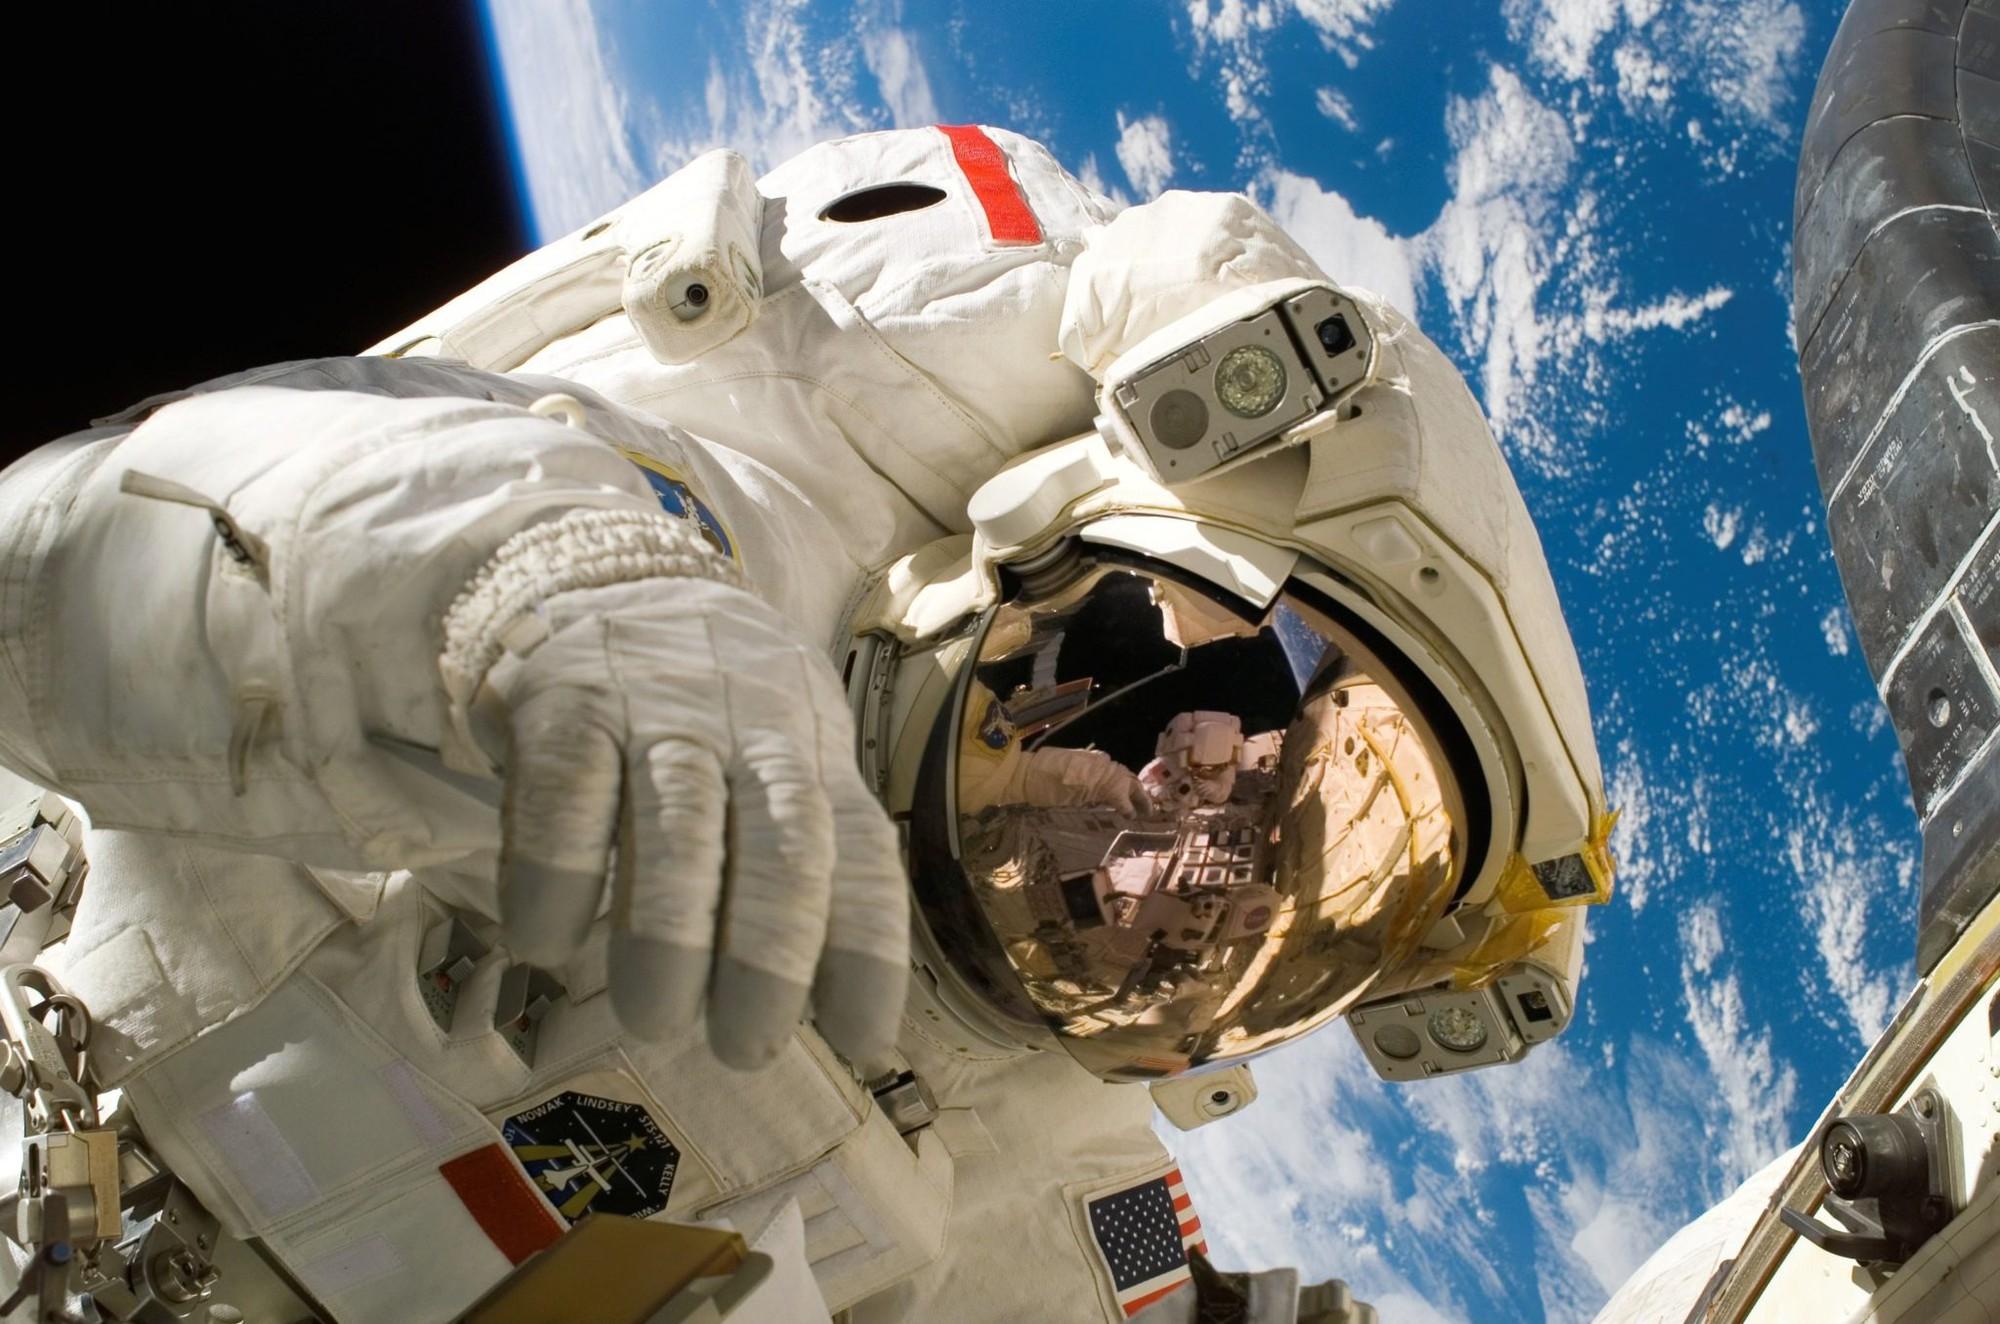 Loạt phản ứng của cơ thể trong môi trường vô trọng lực: Hóa ra, việc sống ở sao Hỏa vẫn còn xa lắm - Ảnh 4.